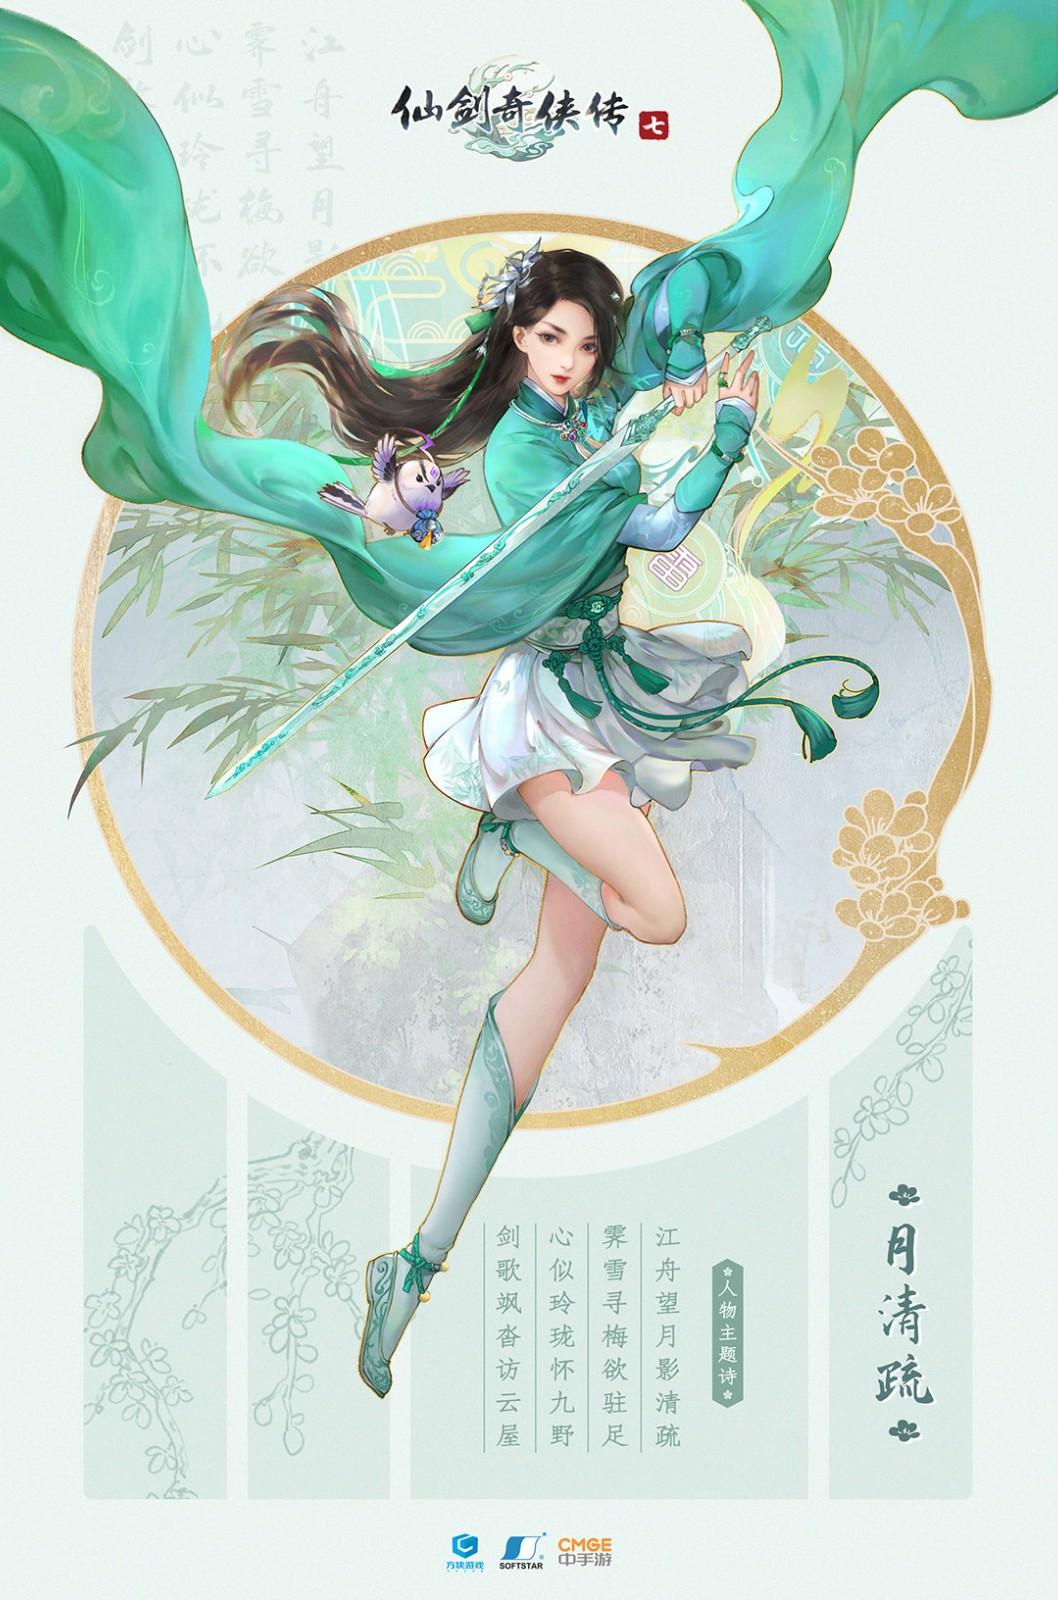 《仙剑奇侠传七》四主角海报公布 两位美女很可爱